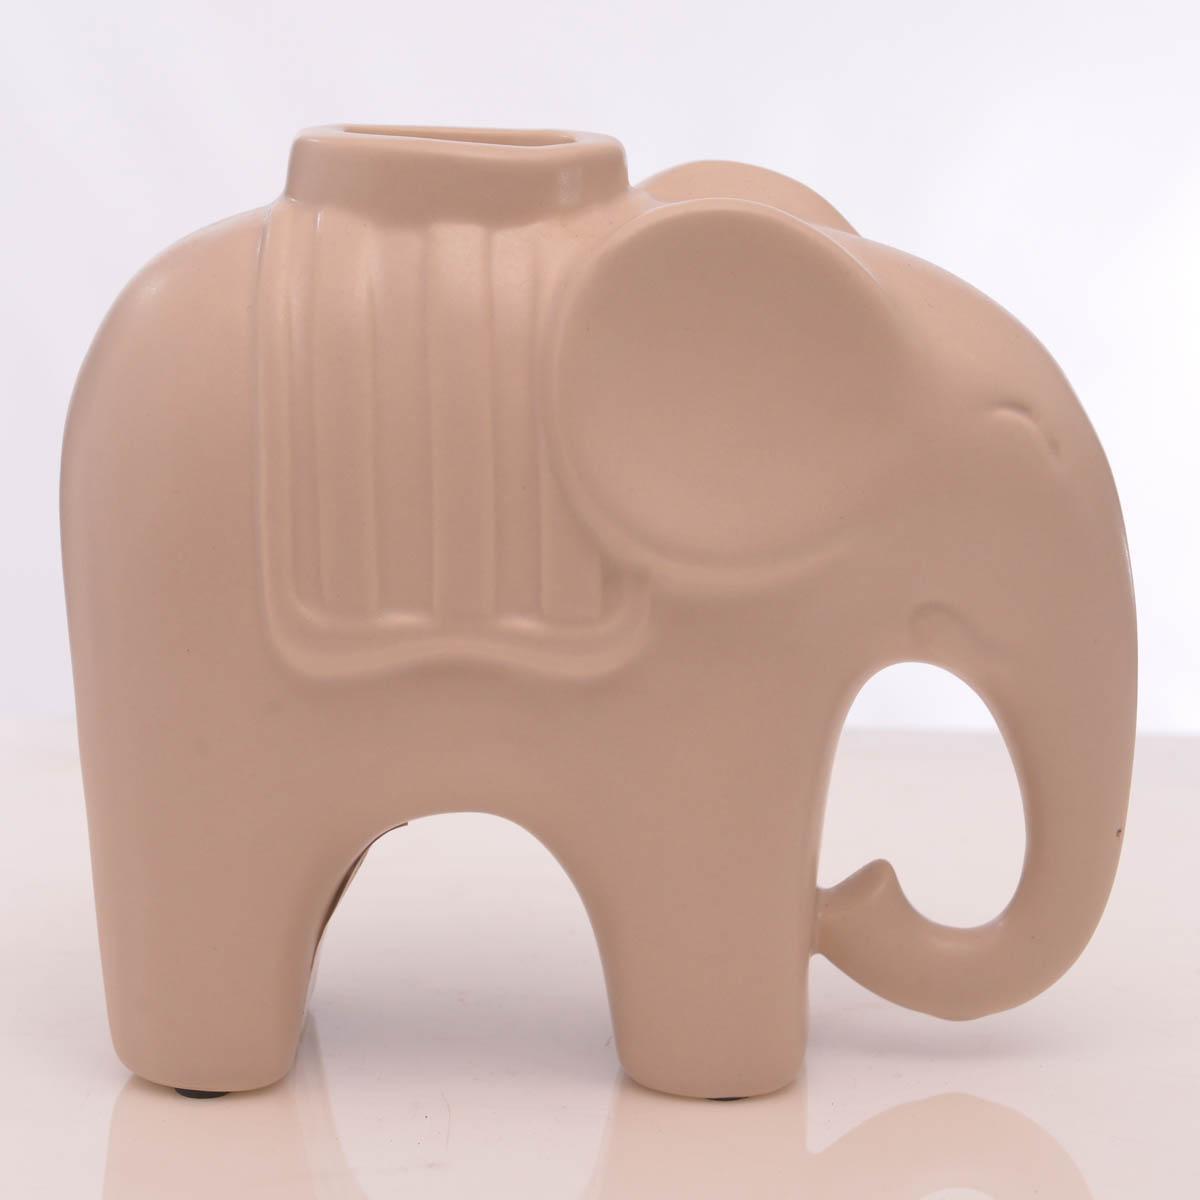 Elefante Decor 19 5X10 5X16,5 cm